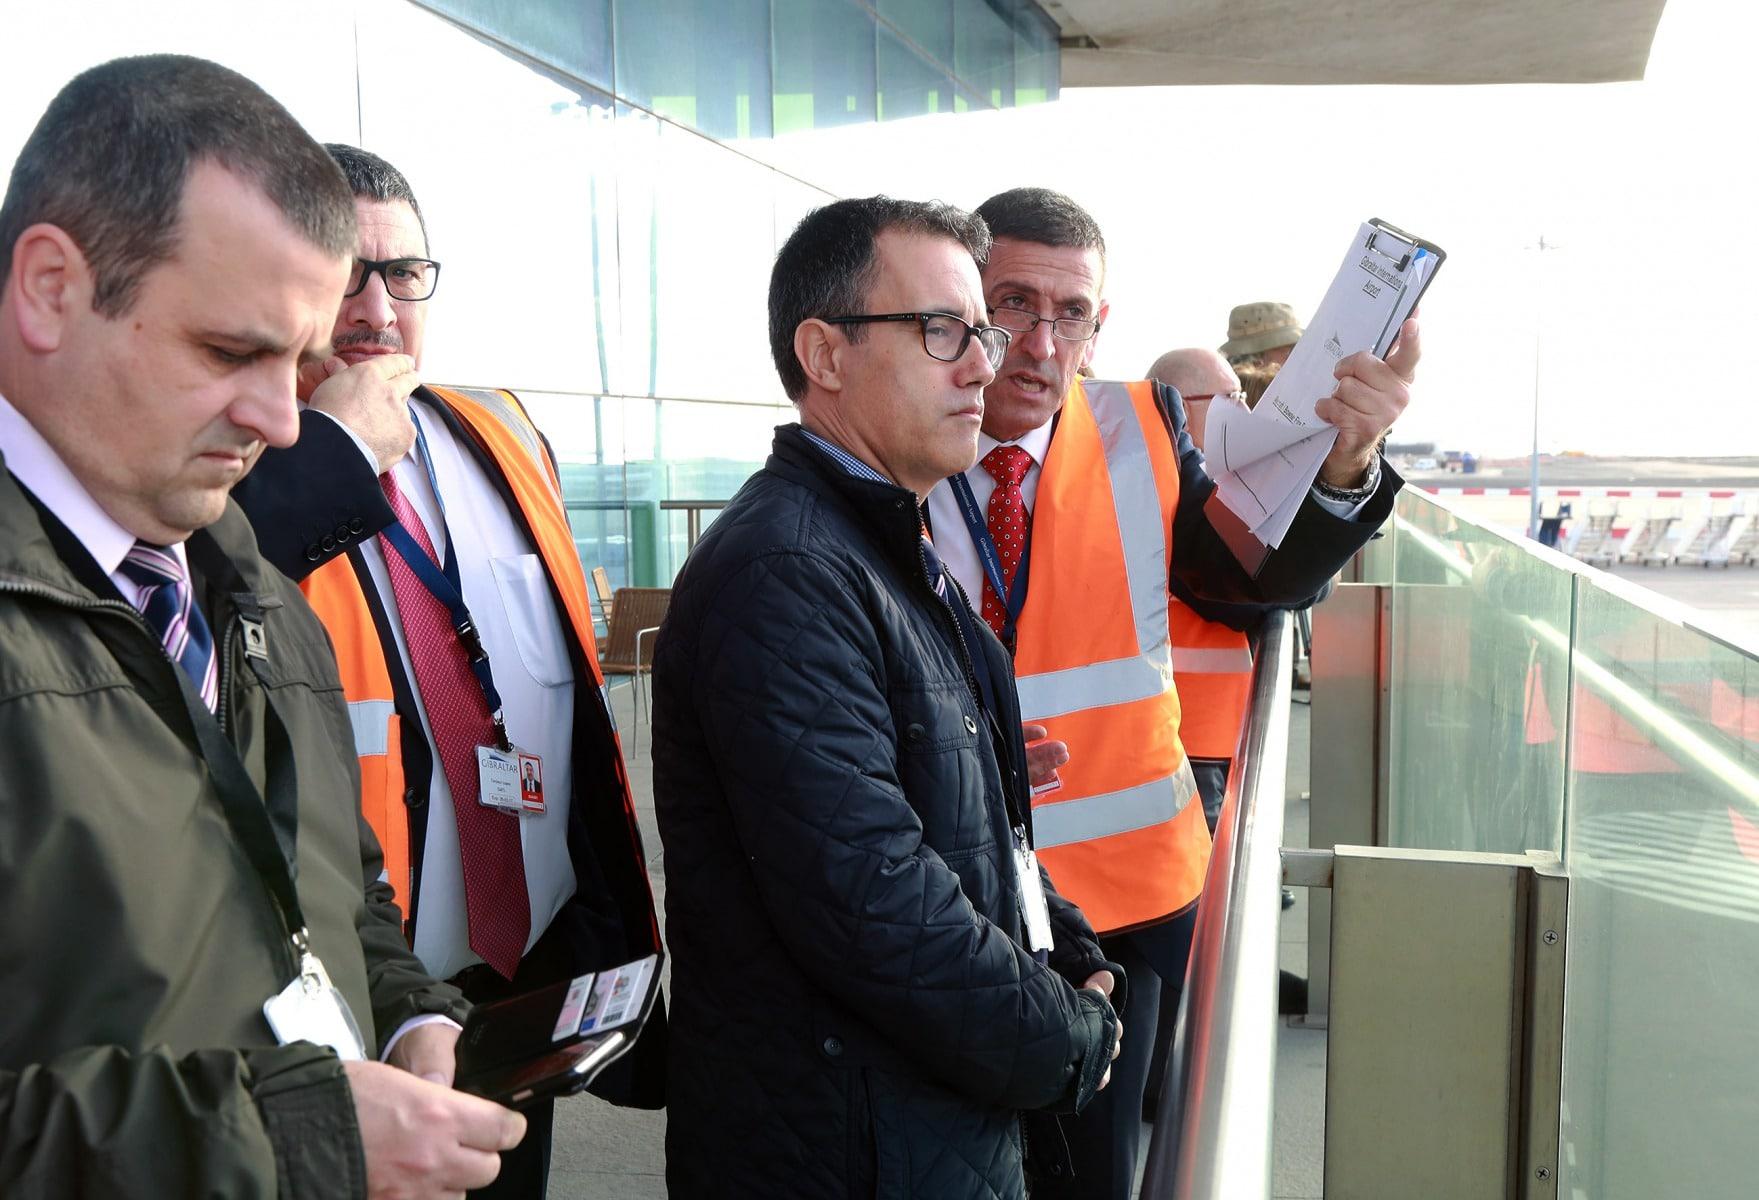 joseph-garca-viceministro-principal-de-gibraltar-el-9-feb-2016-durante-un-simulacro-de-incidente-en-el-aeropuerto-de-gibraltar_24821643911_o